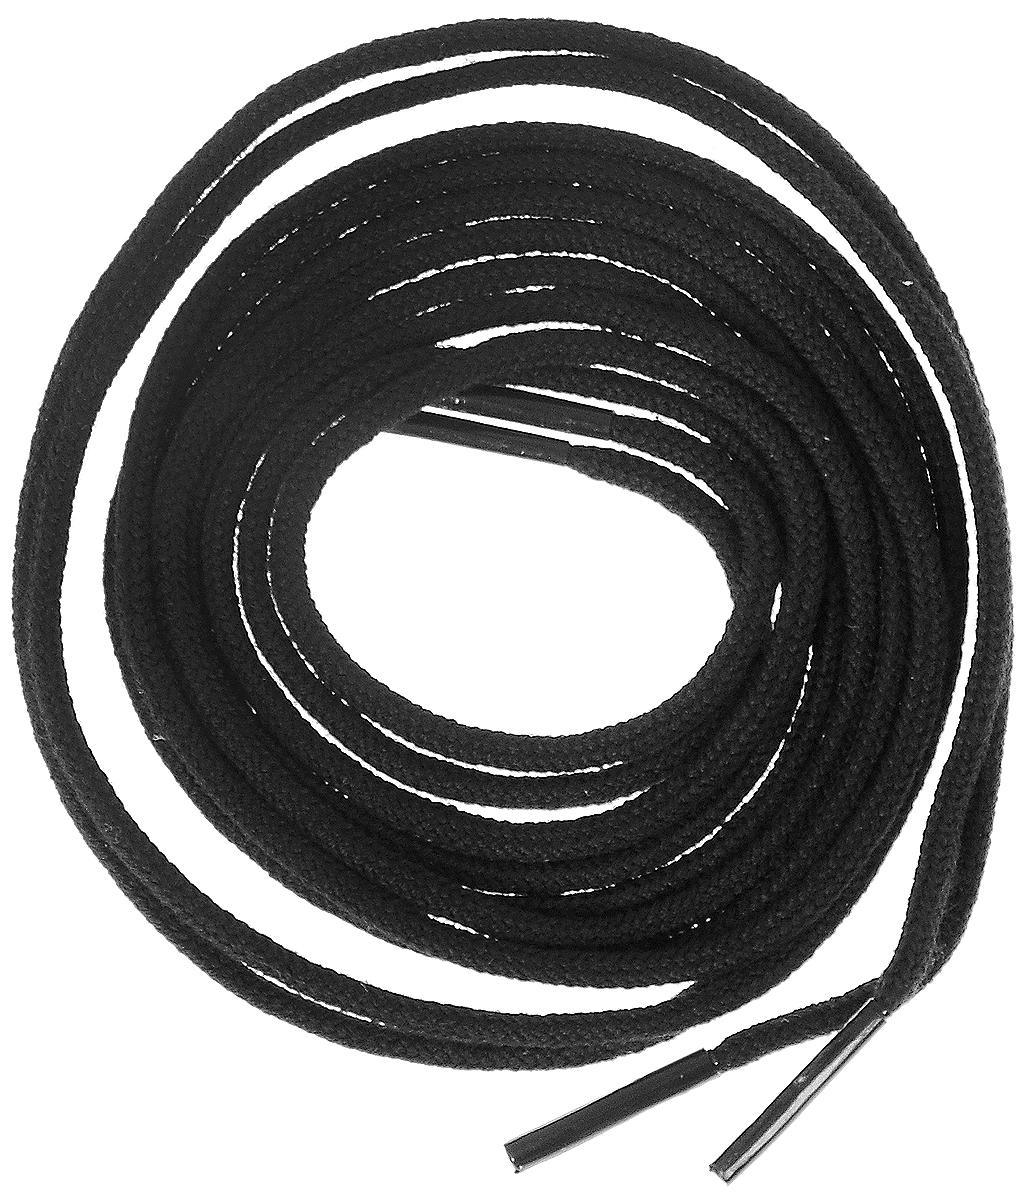 Шнурки тонкие Collonil Rund, цвет: черный, длина 90 см391602Тонкие шнурки Collonil Rund изготовлены из 75% хлопка и 25% полиамида. Крепкие и удобные шнурки являются неотъемлемым аксессуаром и подходят для ношения модельной или предназначенной для отдыха и туризма обуви. Подходят для обуви с двенадцатью отверстиями.